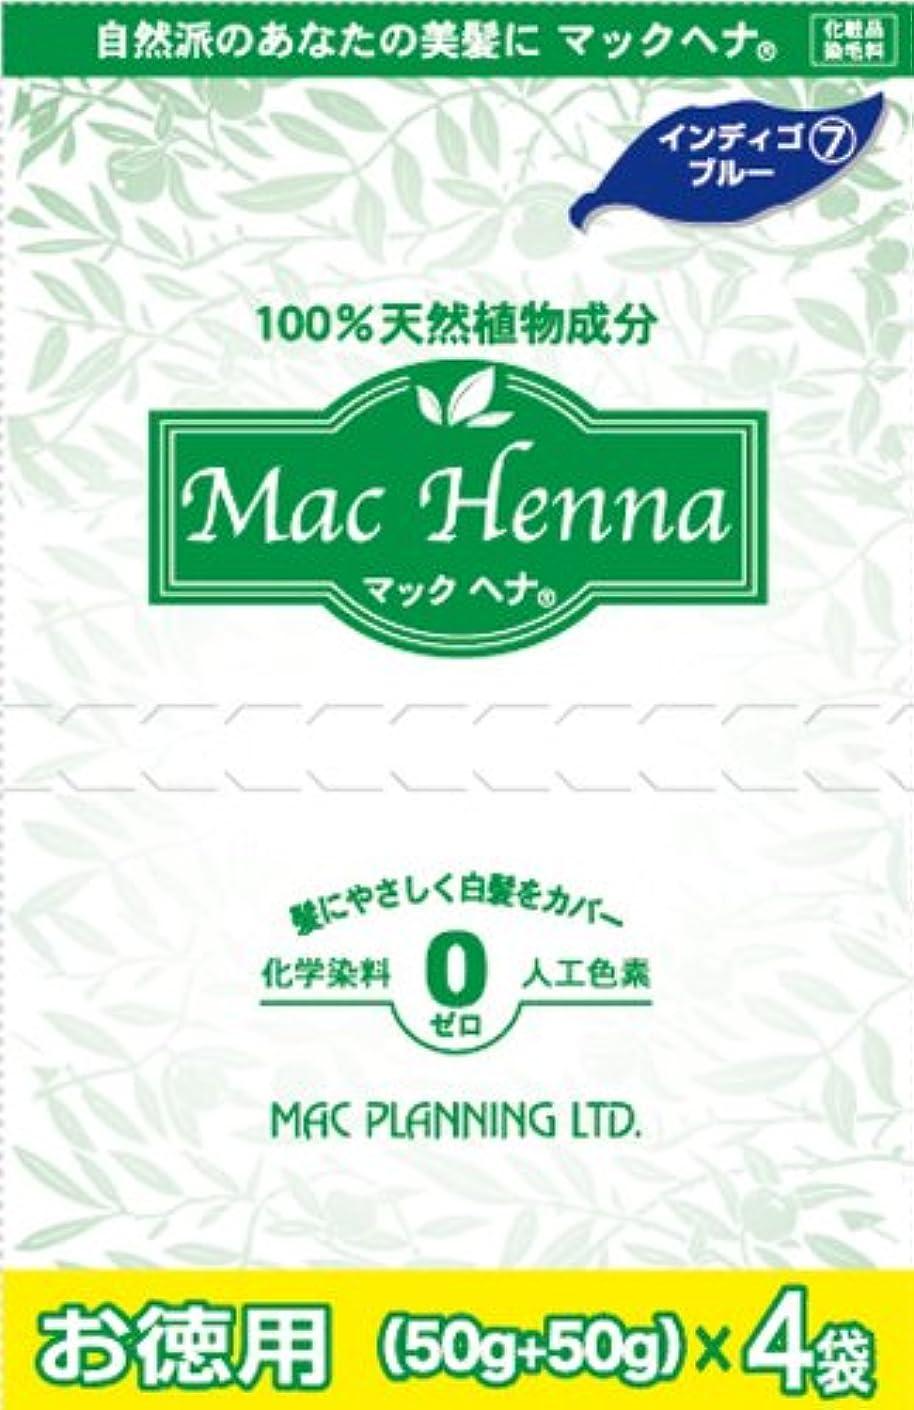 半ばピザハック天然植物原料100% 無添加 マックヘナ お徳用(インディゴブルー)-7 400g(50g+50g)×4袋  2箱セット